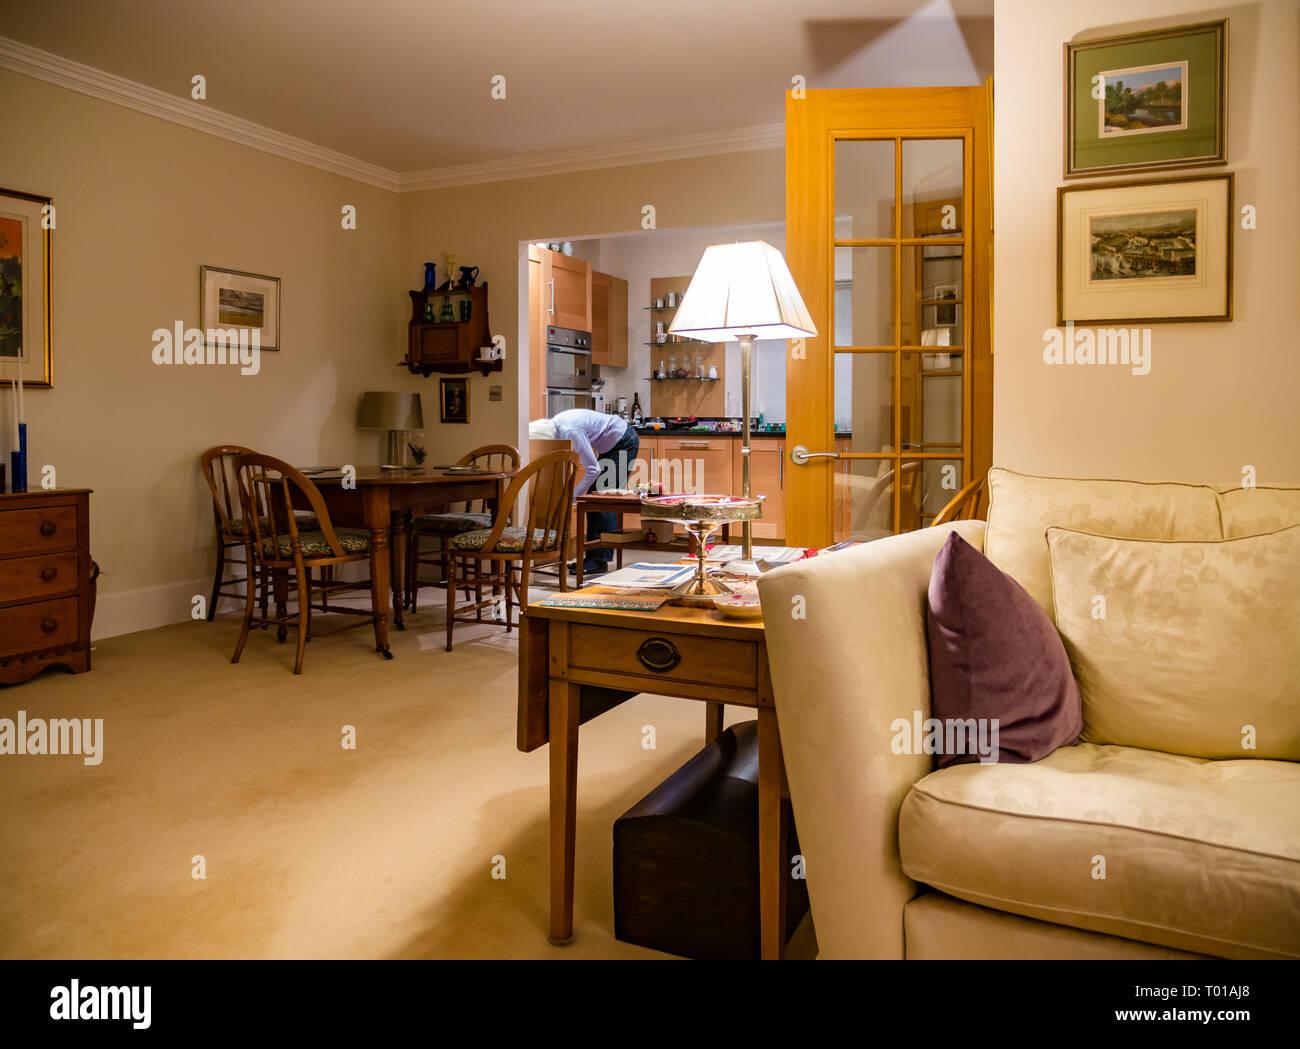 Plan Ouvert Moderne Home Interieur Avec Salon Table De